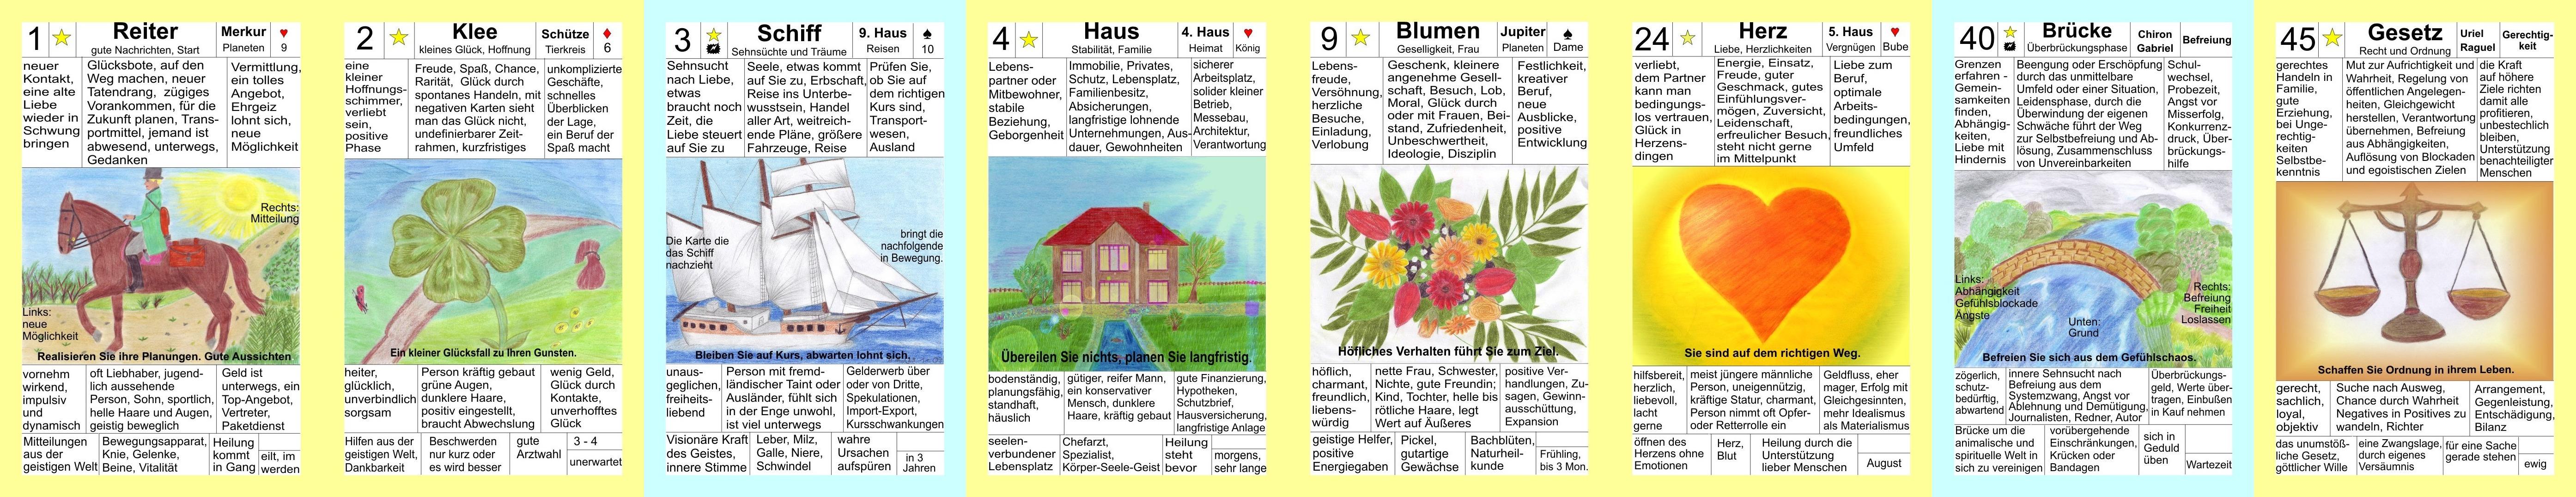 lenormandkarten online legen mit deutung